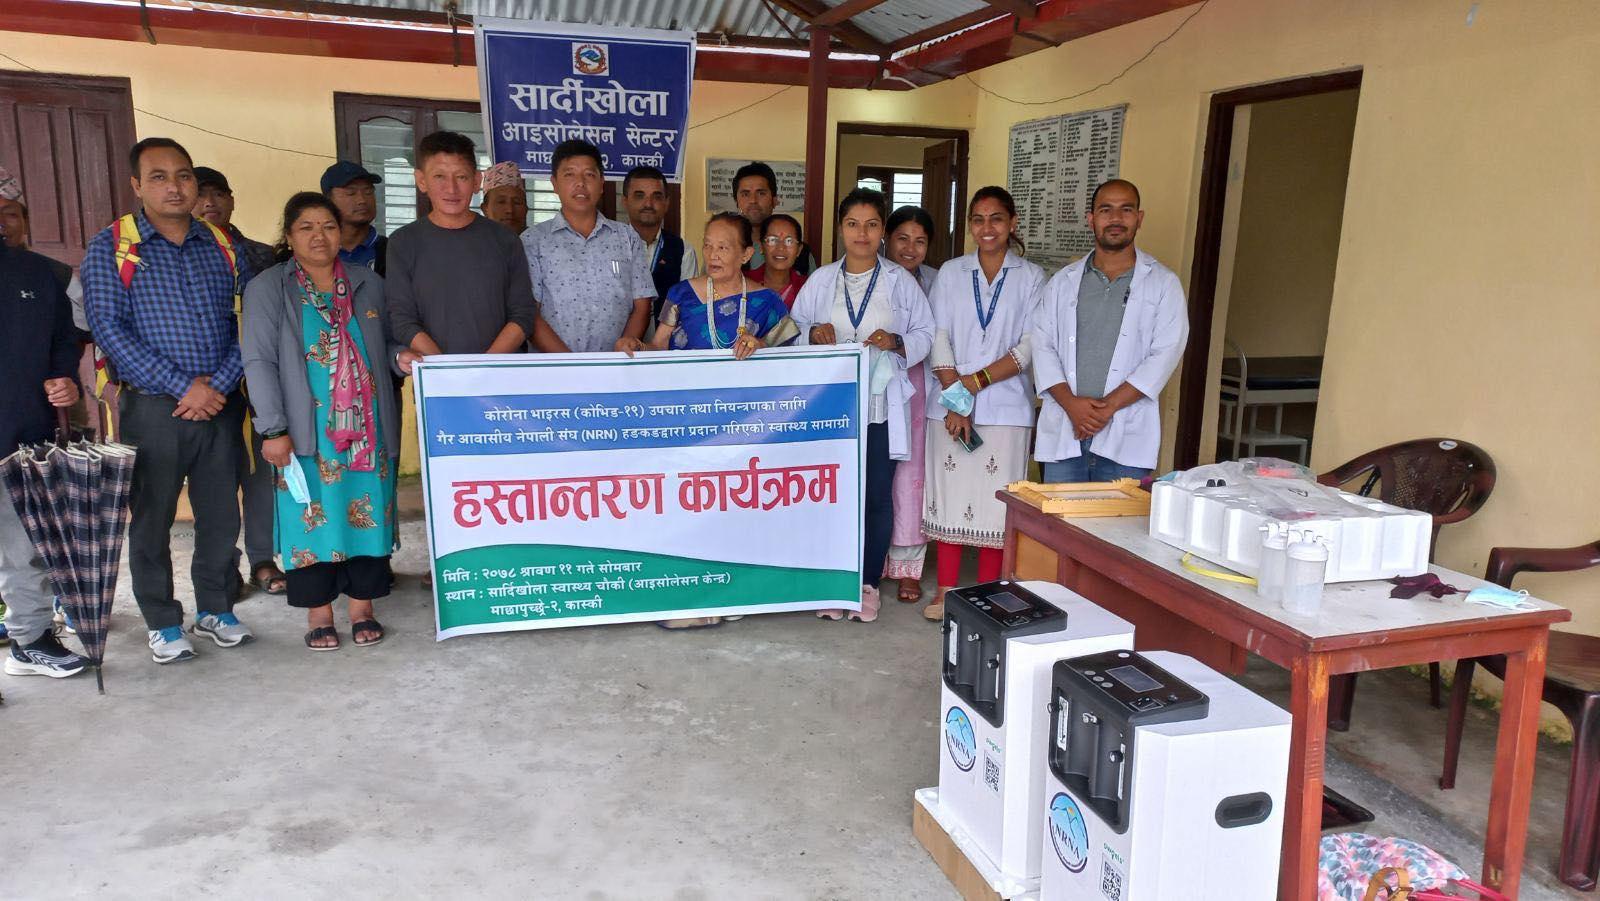 एनआरएनए हङकङद्वारा कास्कीमा अक्सिजन कन्सन्ट्रेटर सहयोग